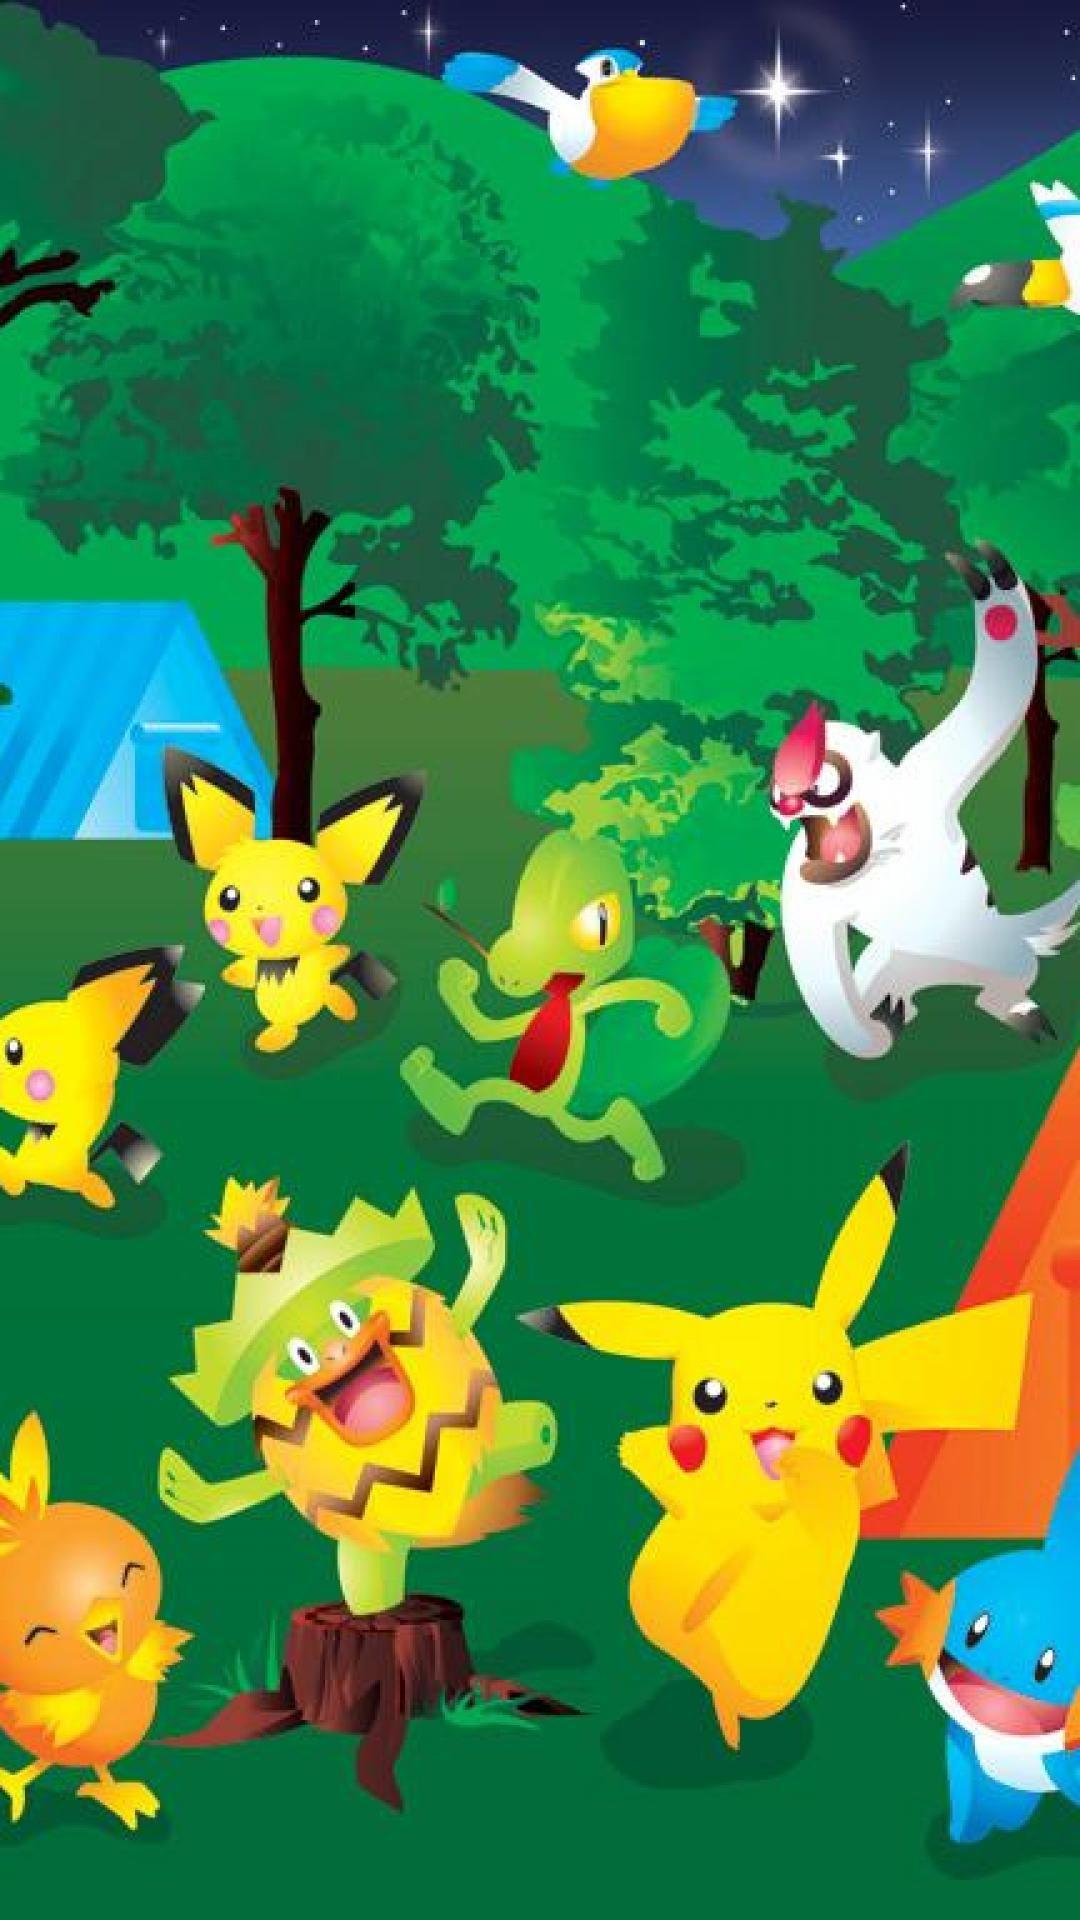 Legendary Pokemon Wallpaper For Android